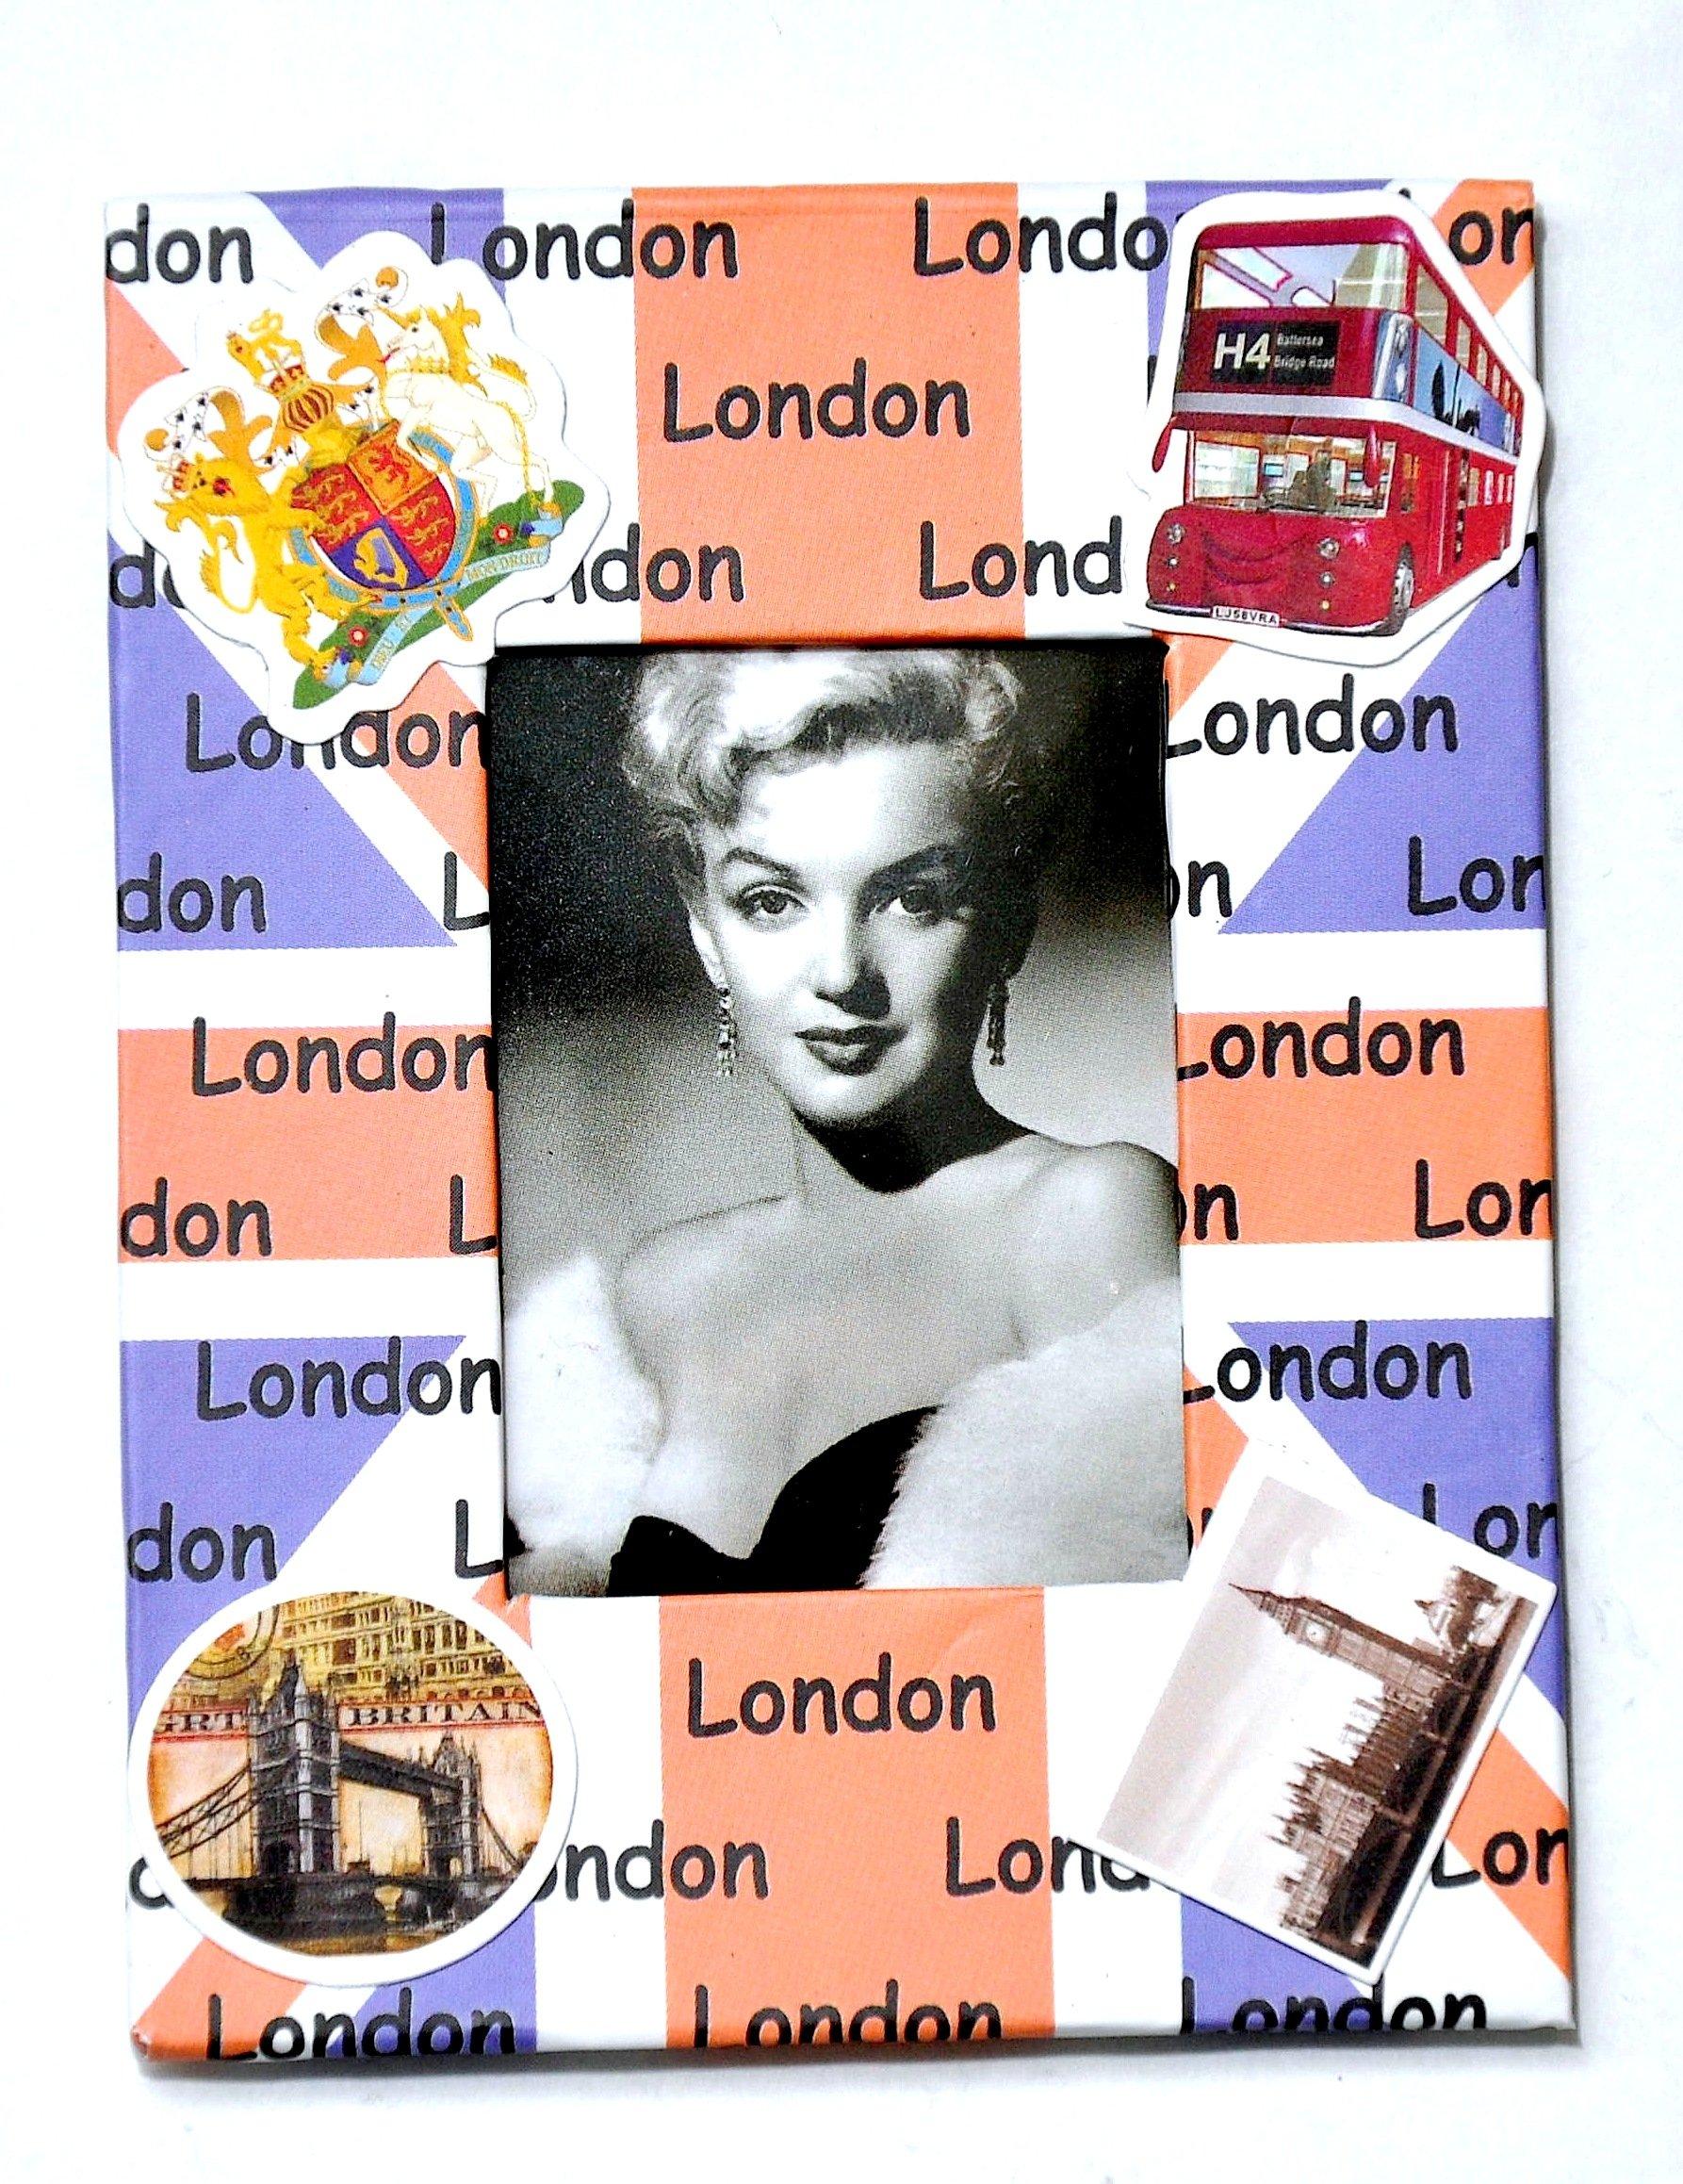 I Love London Photo Frame - Metal Photo Frame - London Souvenir Photo Frame - London Icons Metal Photo Frame - Big Ben, Tower Bridge London Eye Photo frame + LONDON ICONS PHOTO FRAME CUM FRIDGE MAGNET by London Souvenirs (Image #2)